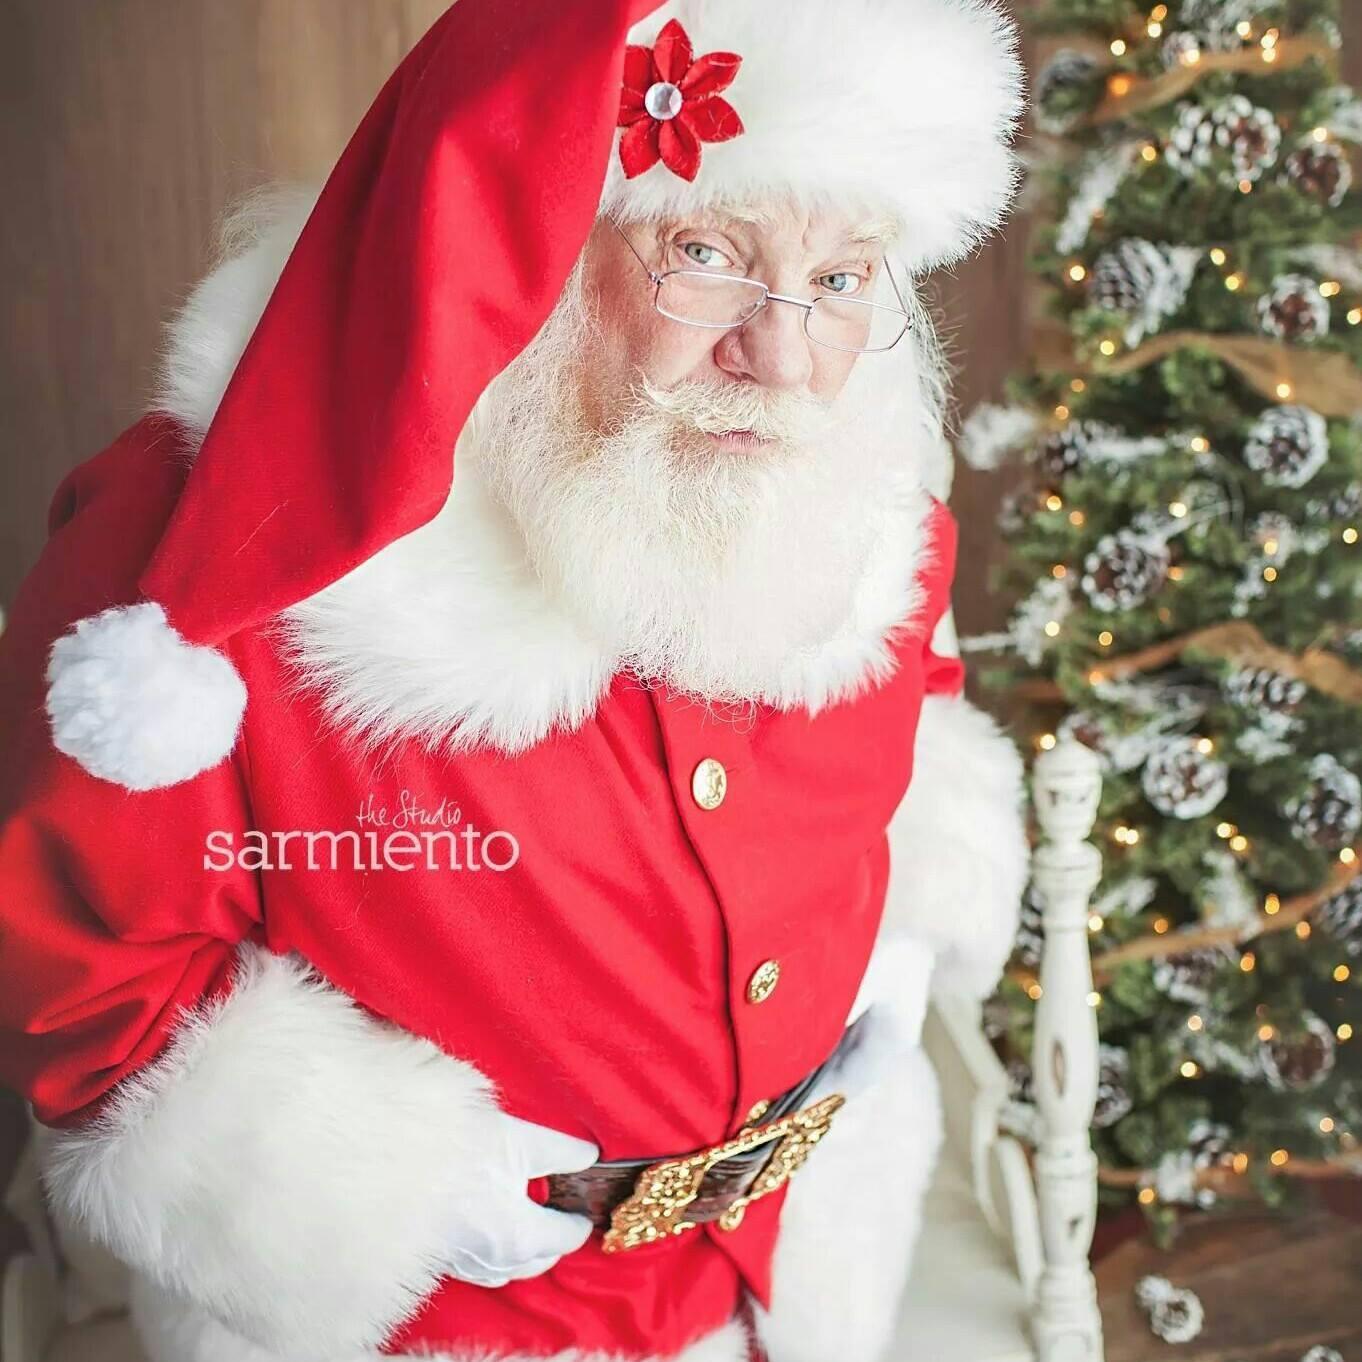 Santa Von Redman